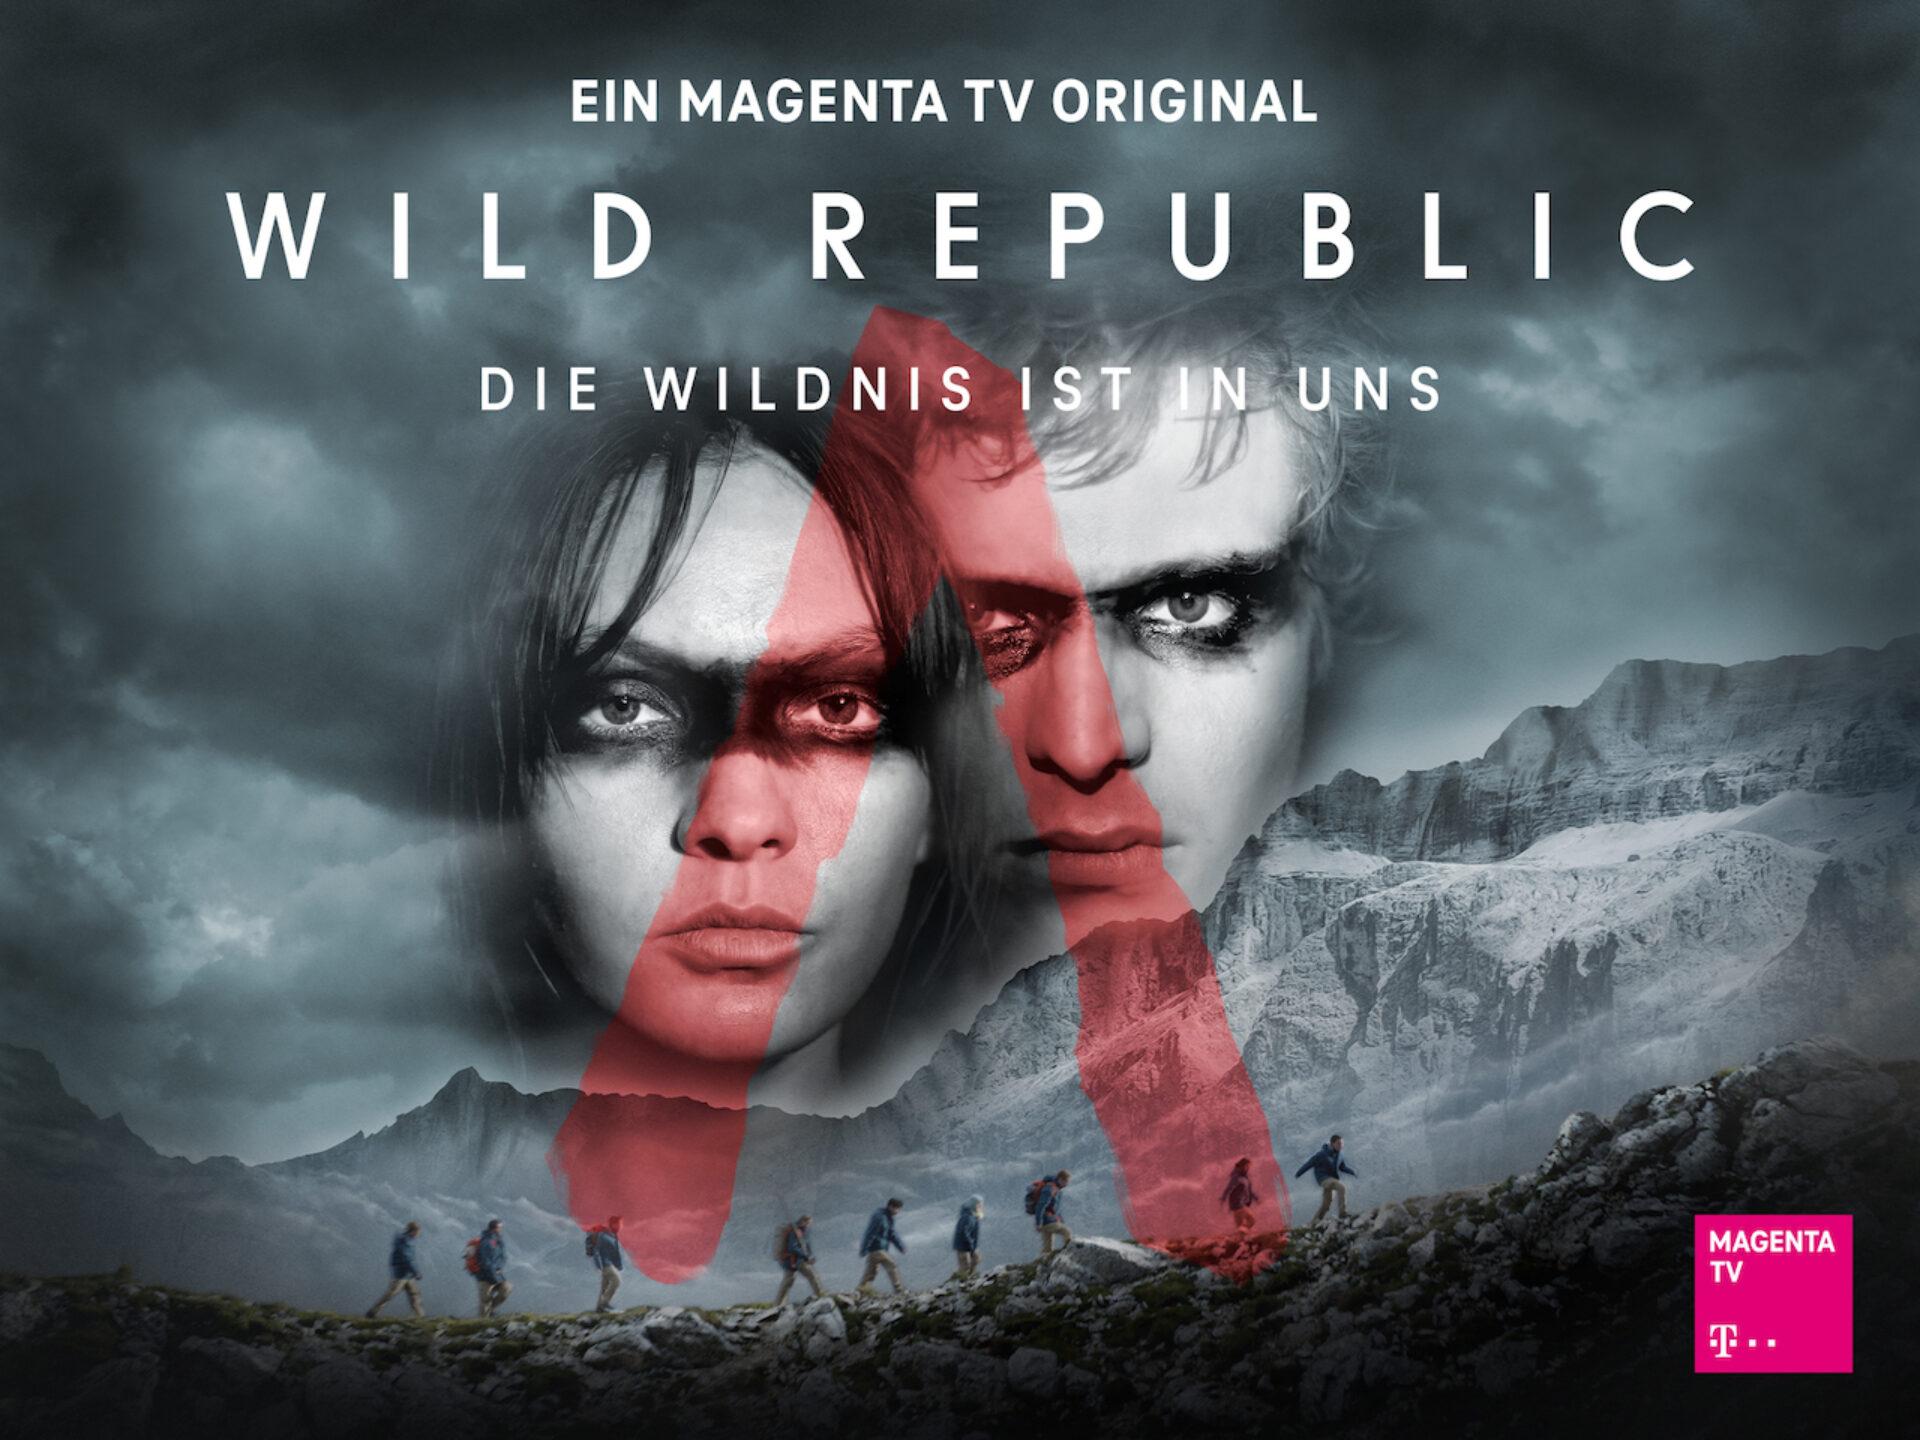 Artwork Serie Wild Republic MagentaTV Copyright Deutsche Telekom